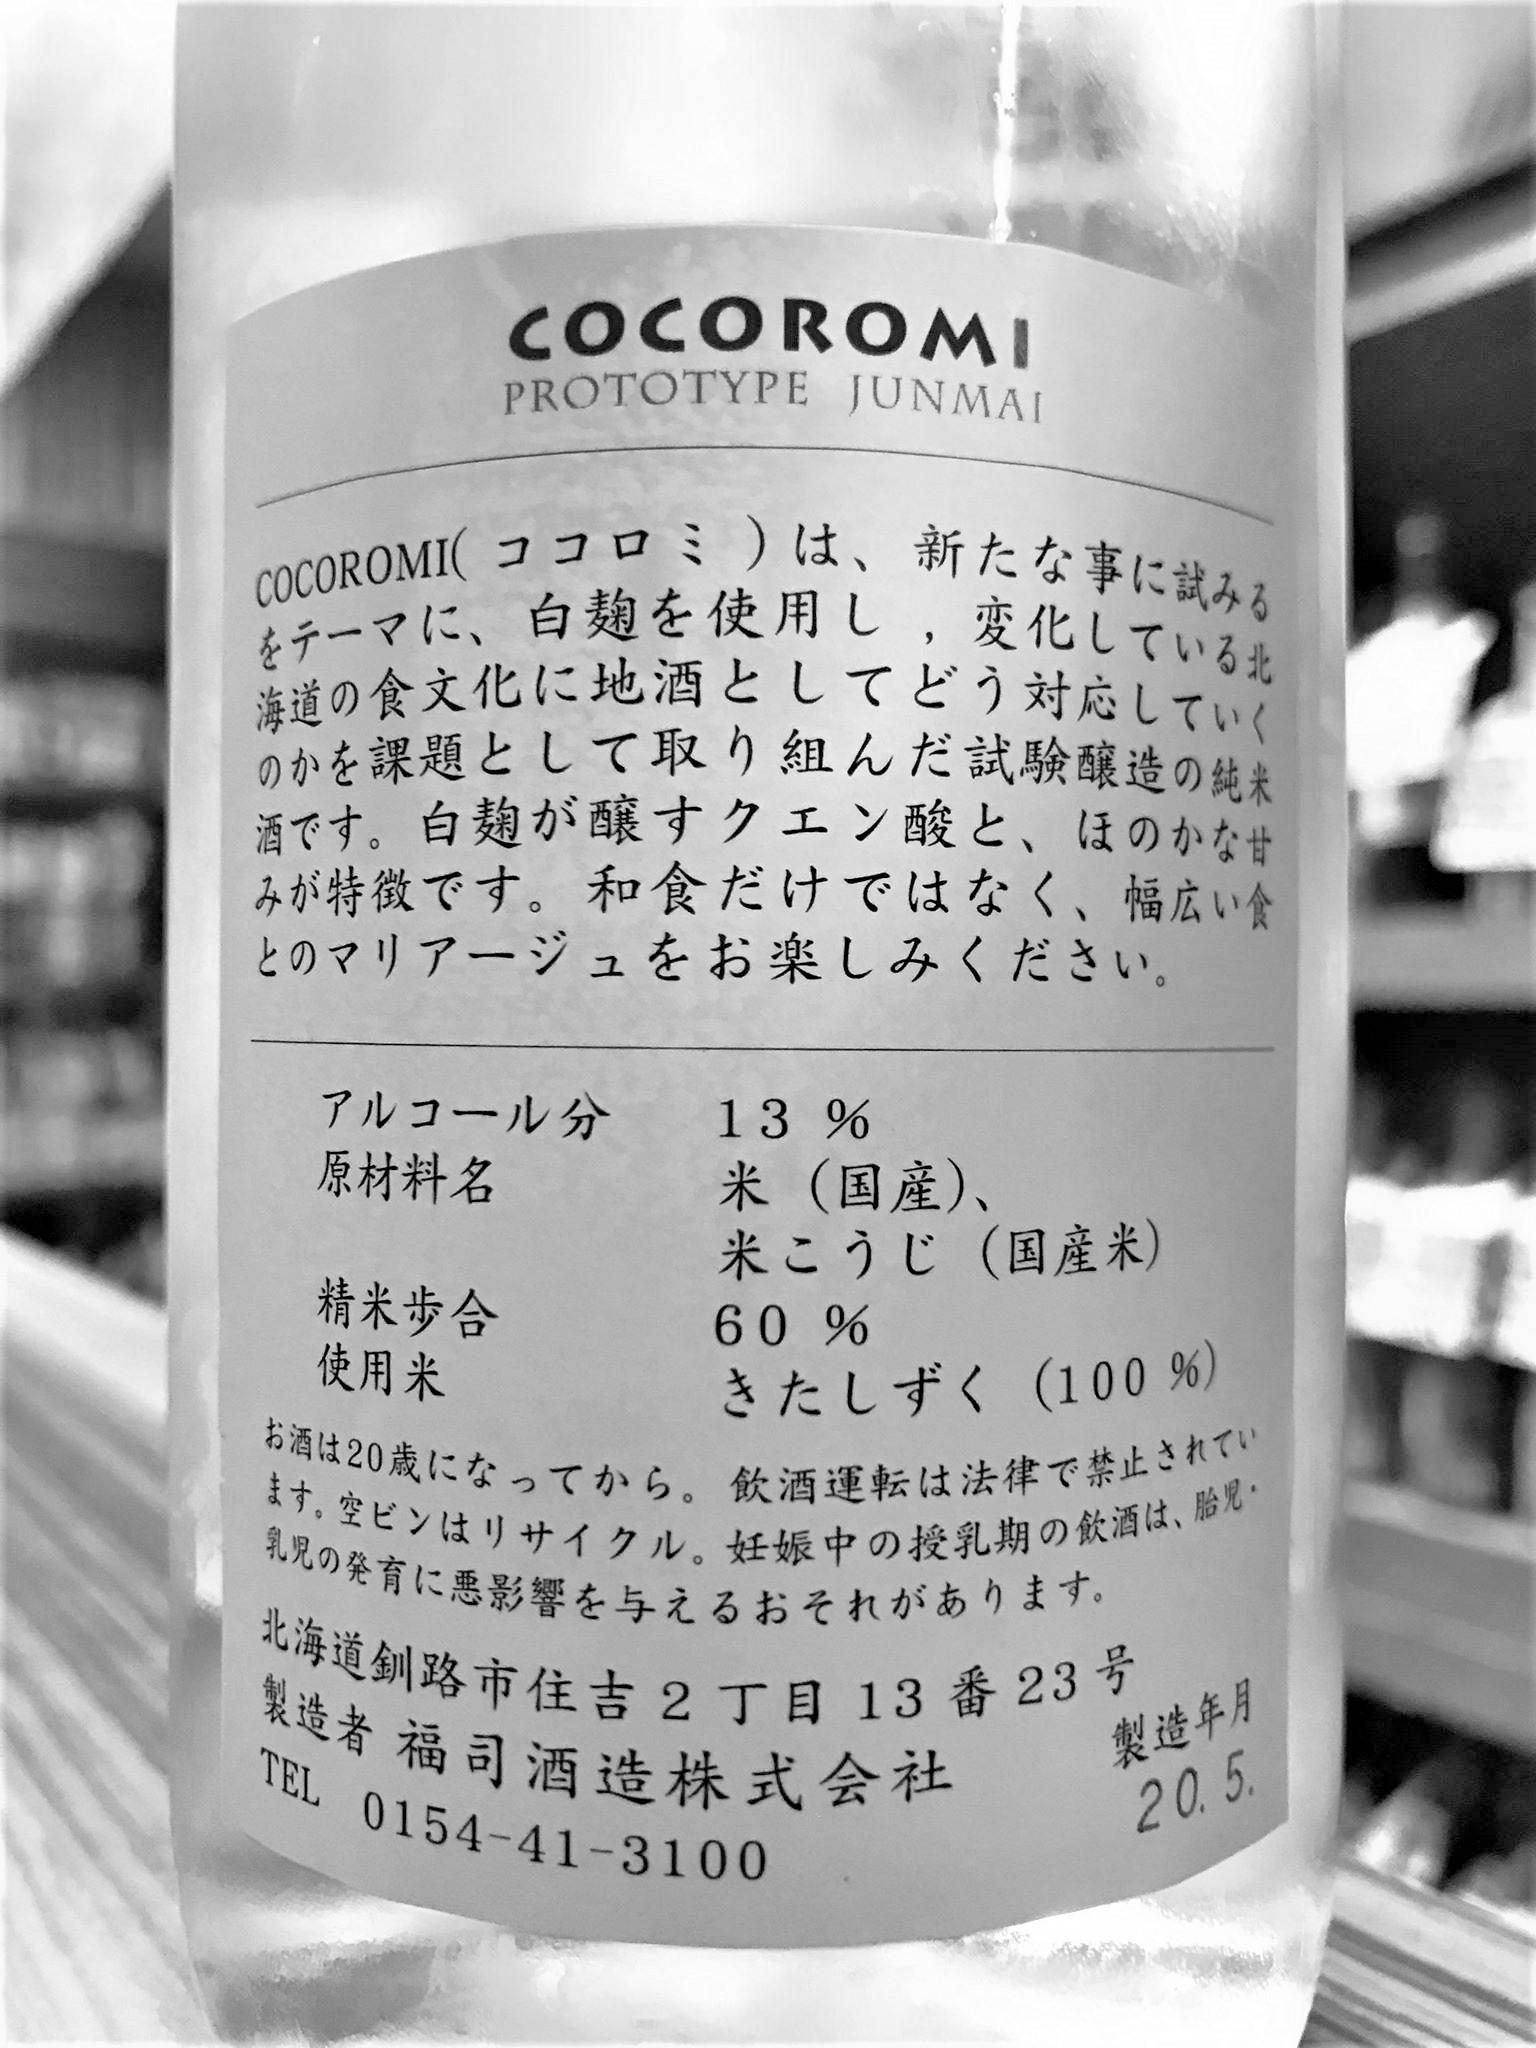 【日本酒】福司⭐番外編『COCOROMI』特別純米酒 きたしずく仕込み 厳選特約店限定SPver 令和1BY🆕_e0173738_9145022.jpg